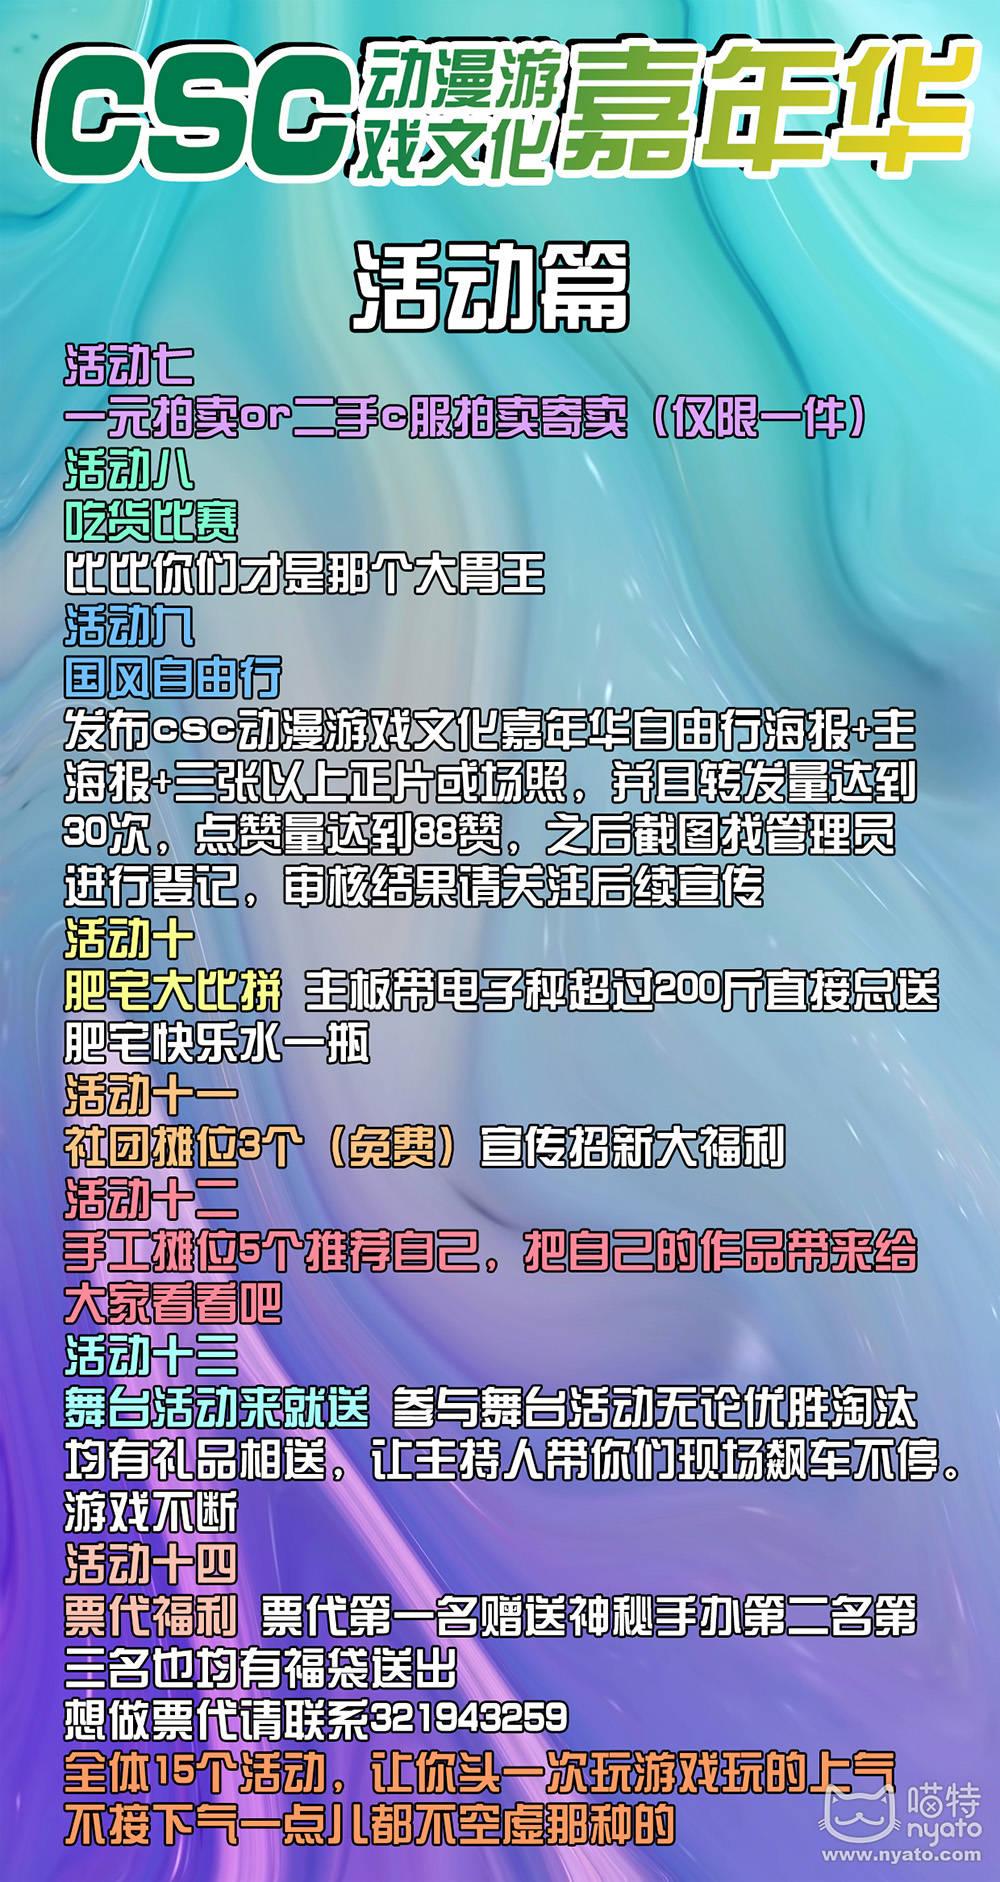 ACDD414B06A01487D8C65F6DB1156690.jpg